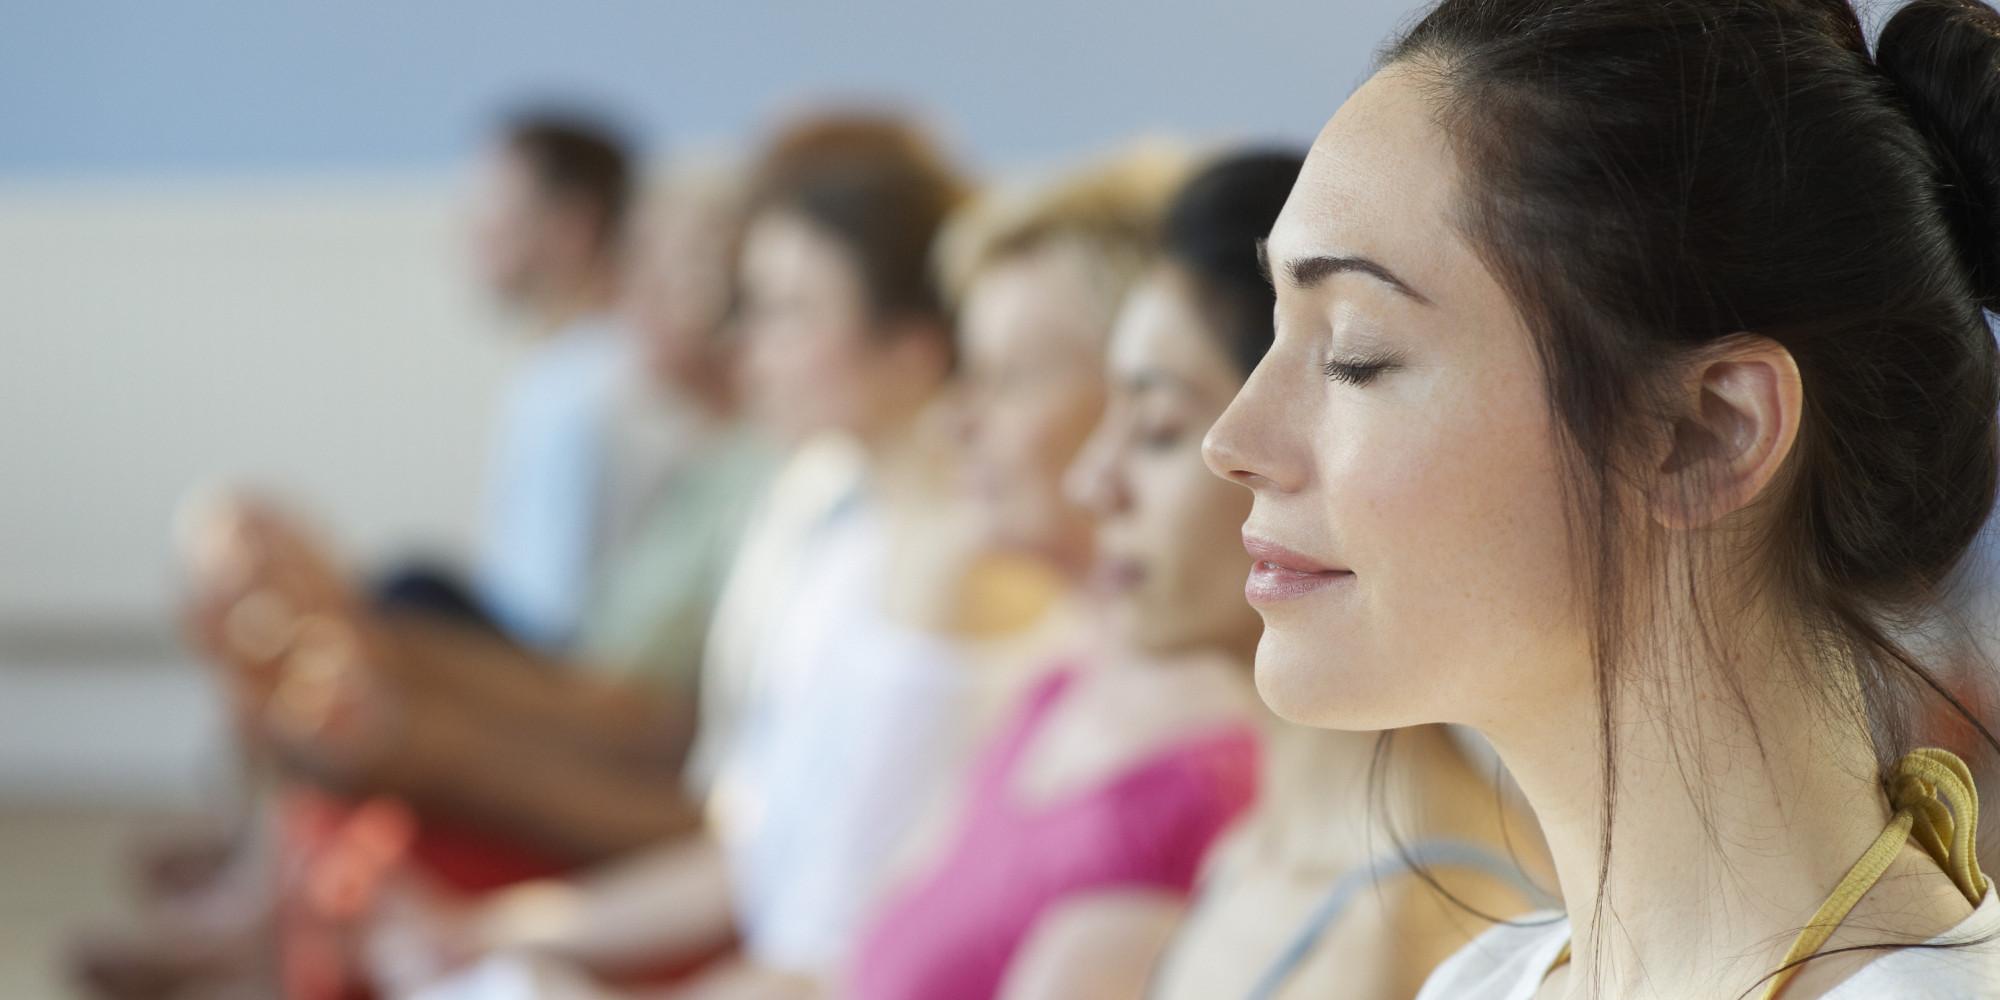 Grupowa medytacja dosłownie zmienia świat